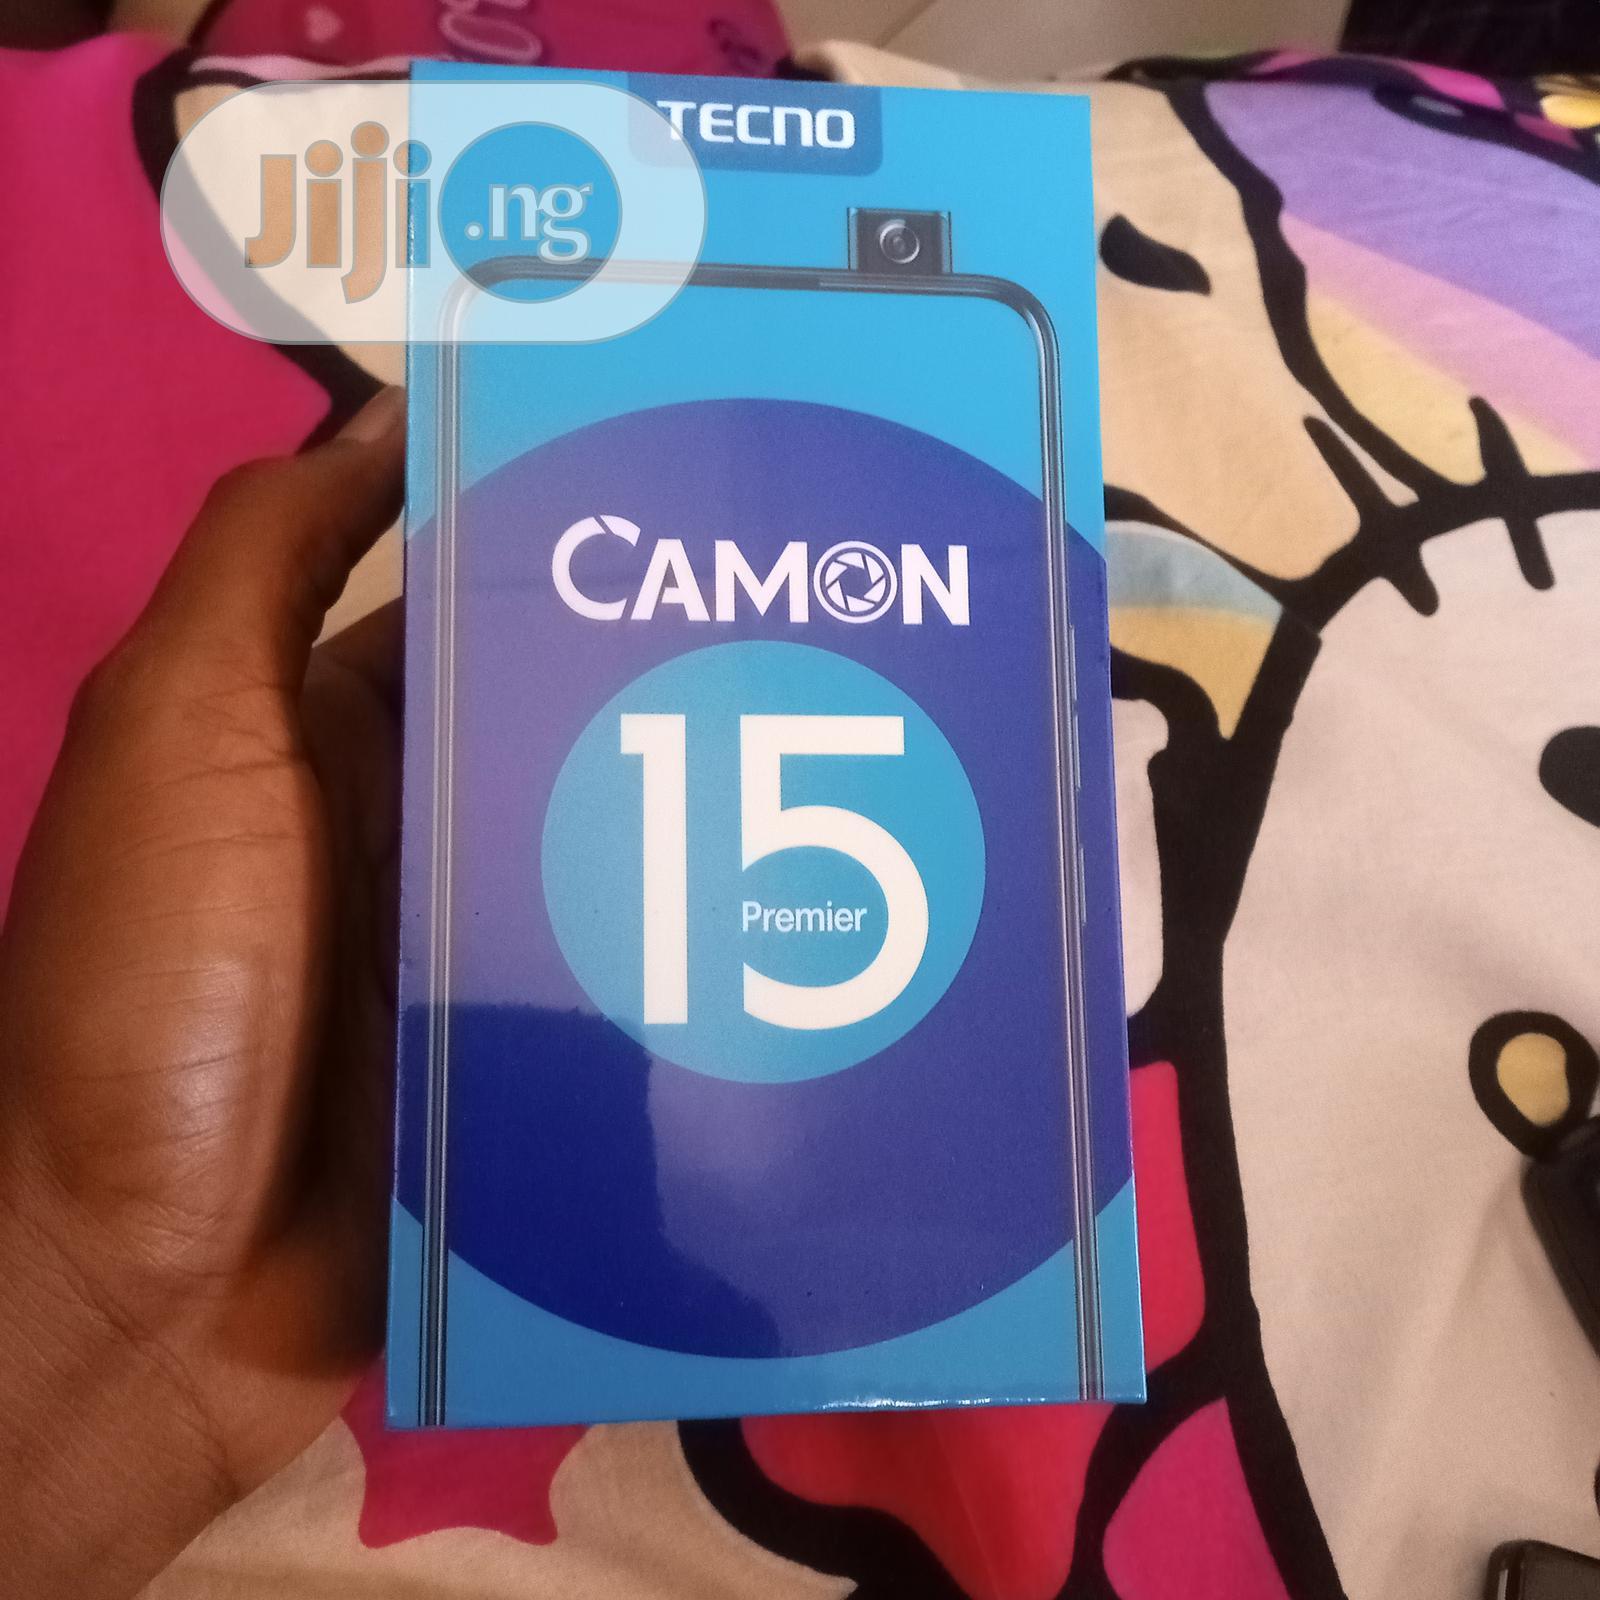 New Tecno Camon 15 Premier 128 GB